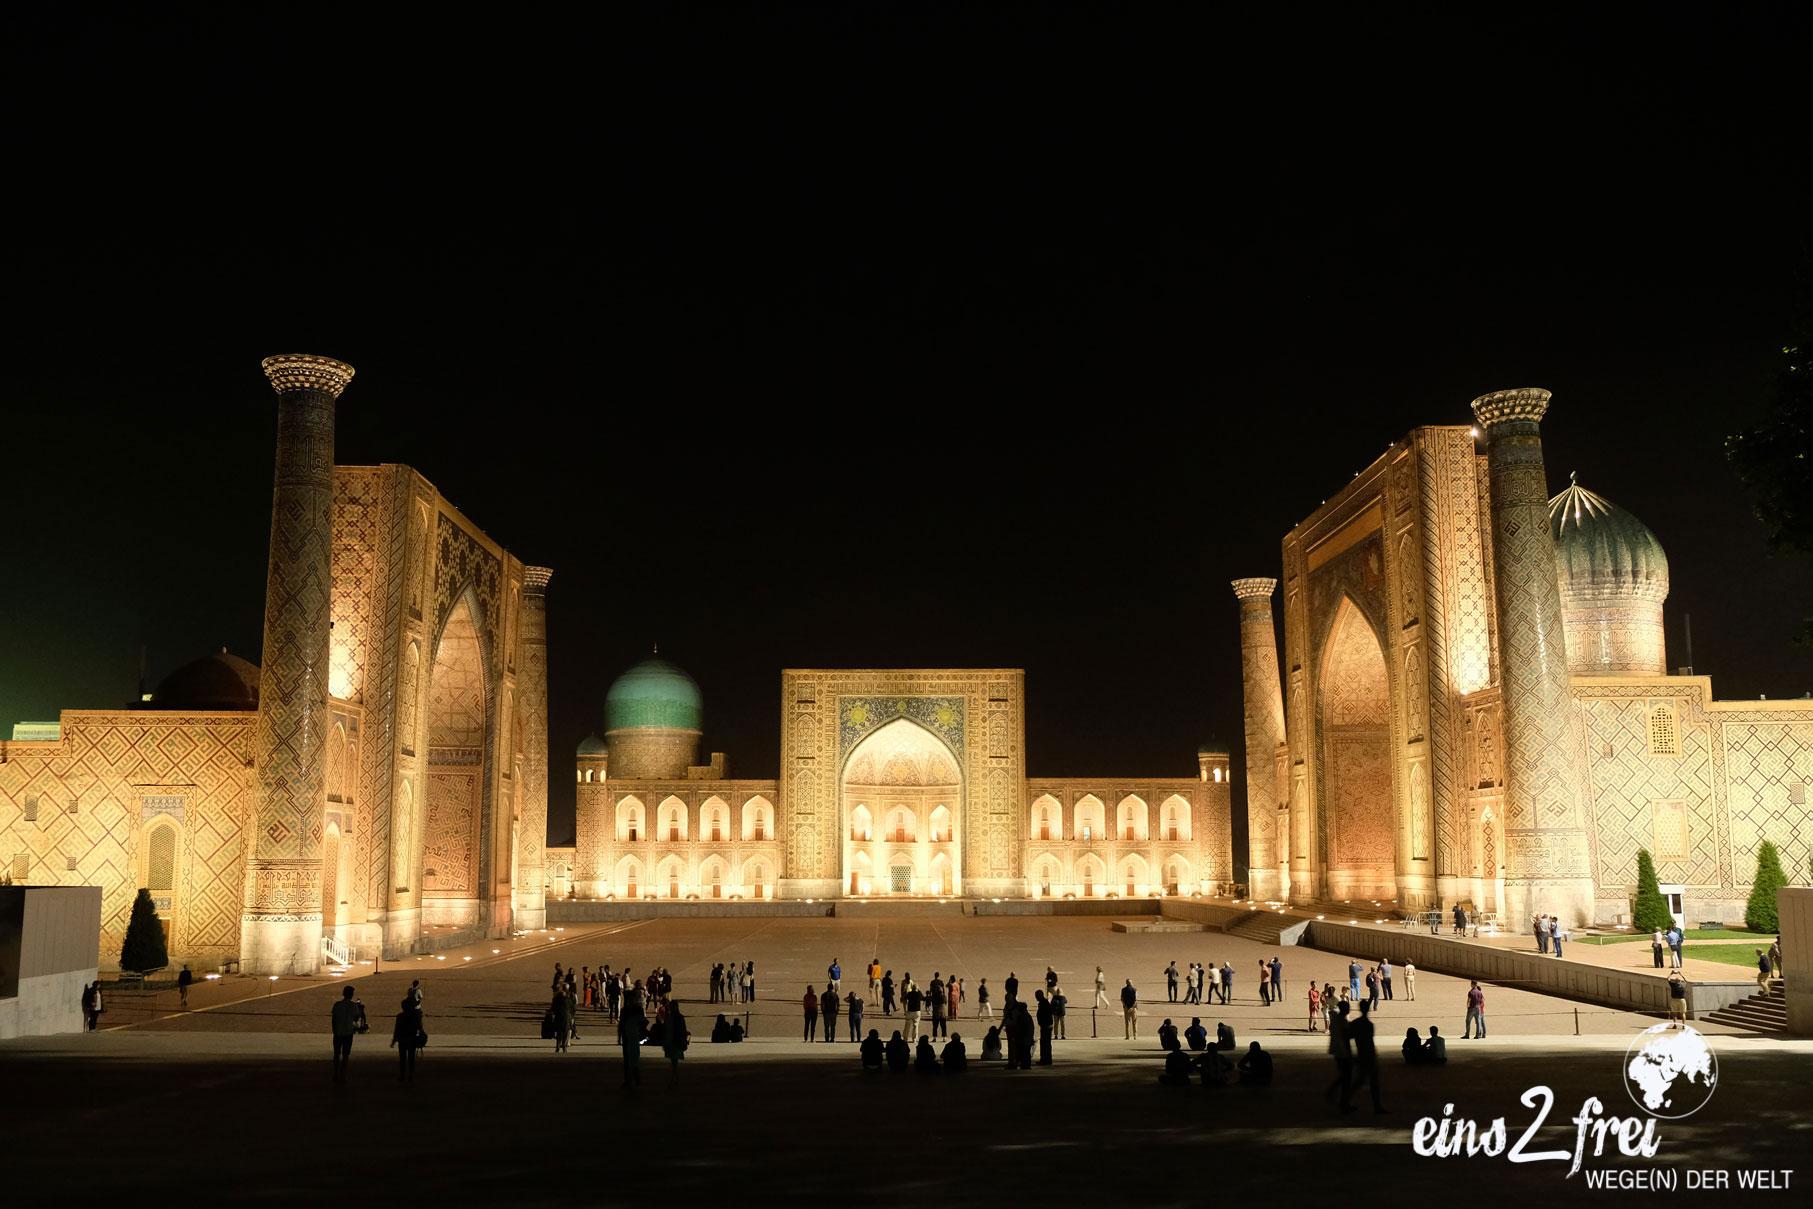 Registan in Samarkand bei Nacht